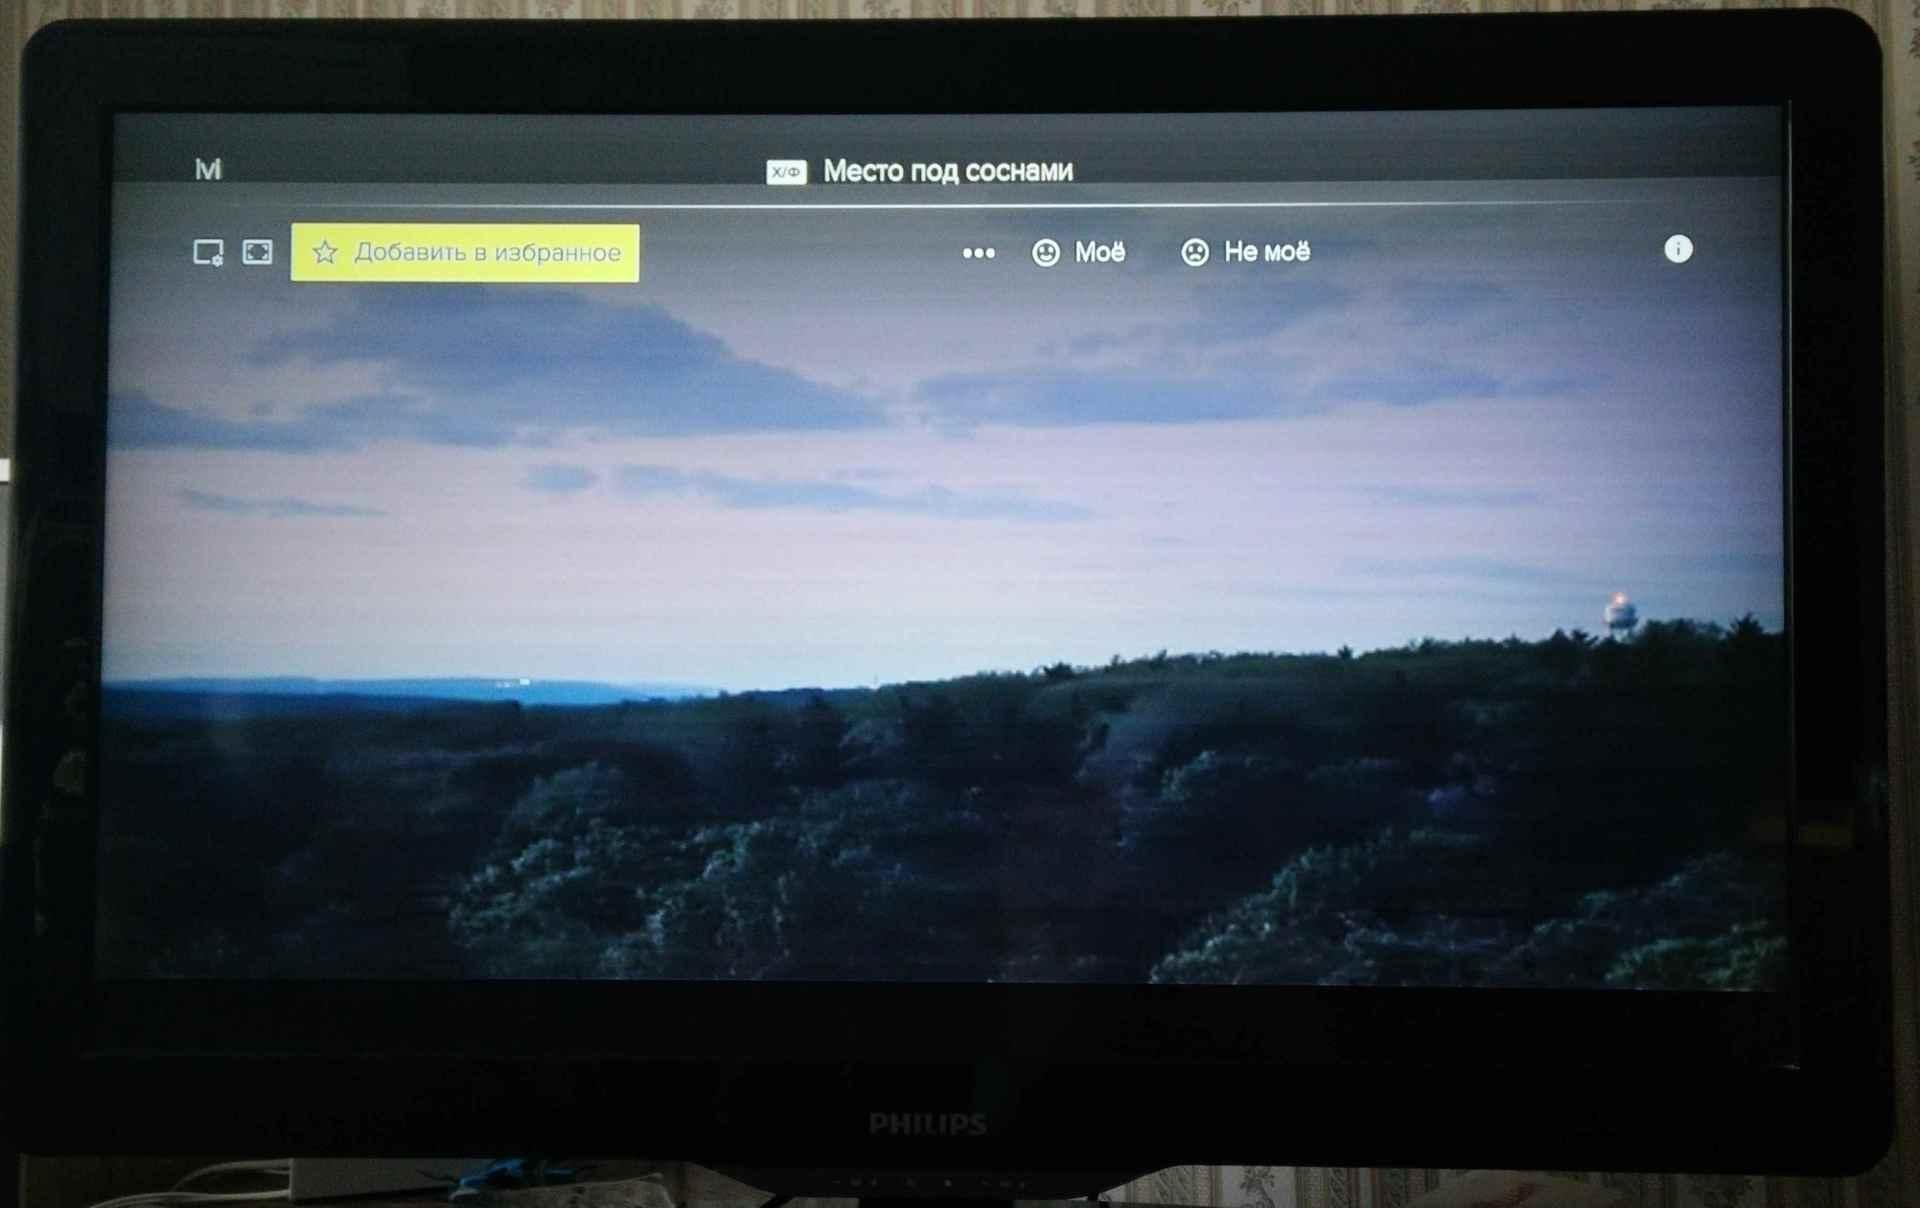 MOYO WOW — ТВ тоже может быть с интеллектом - 48